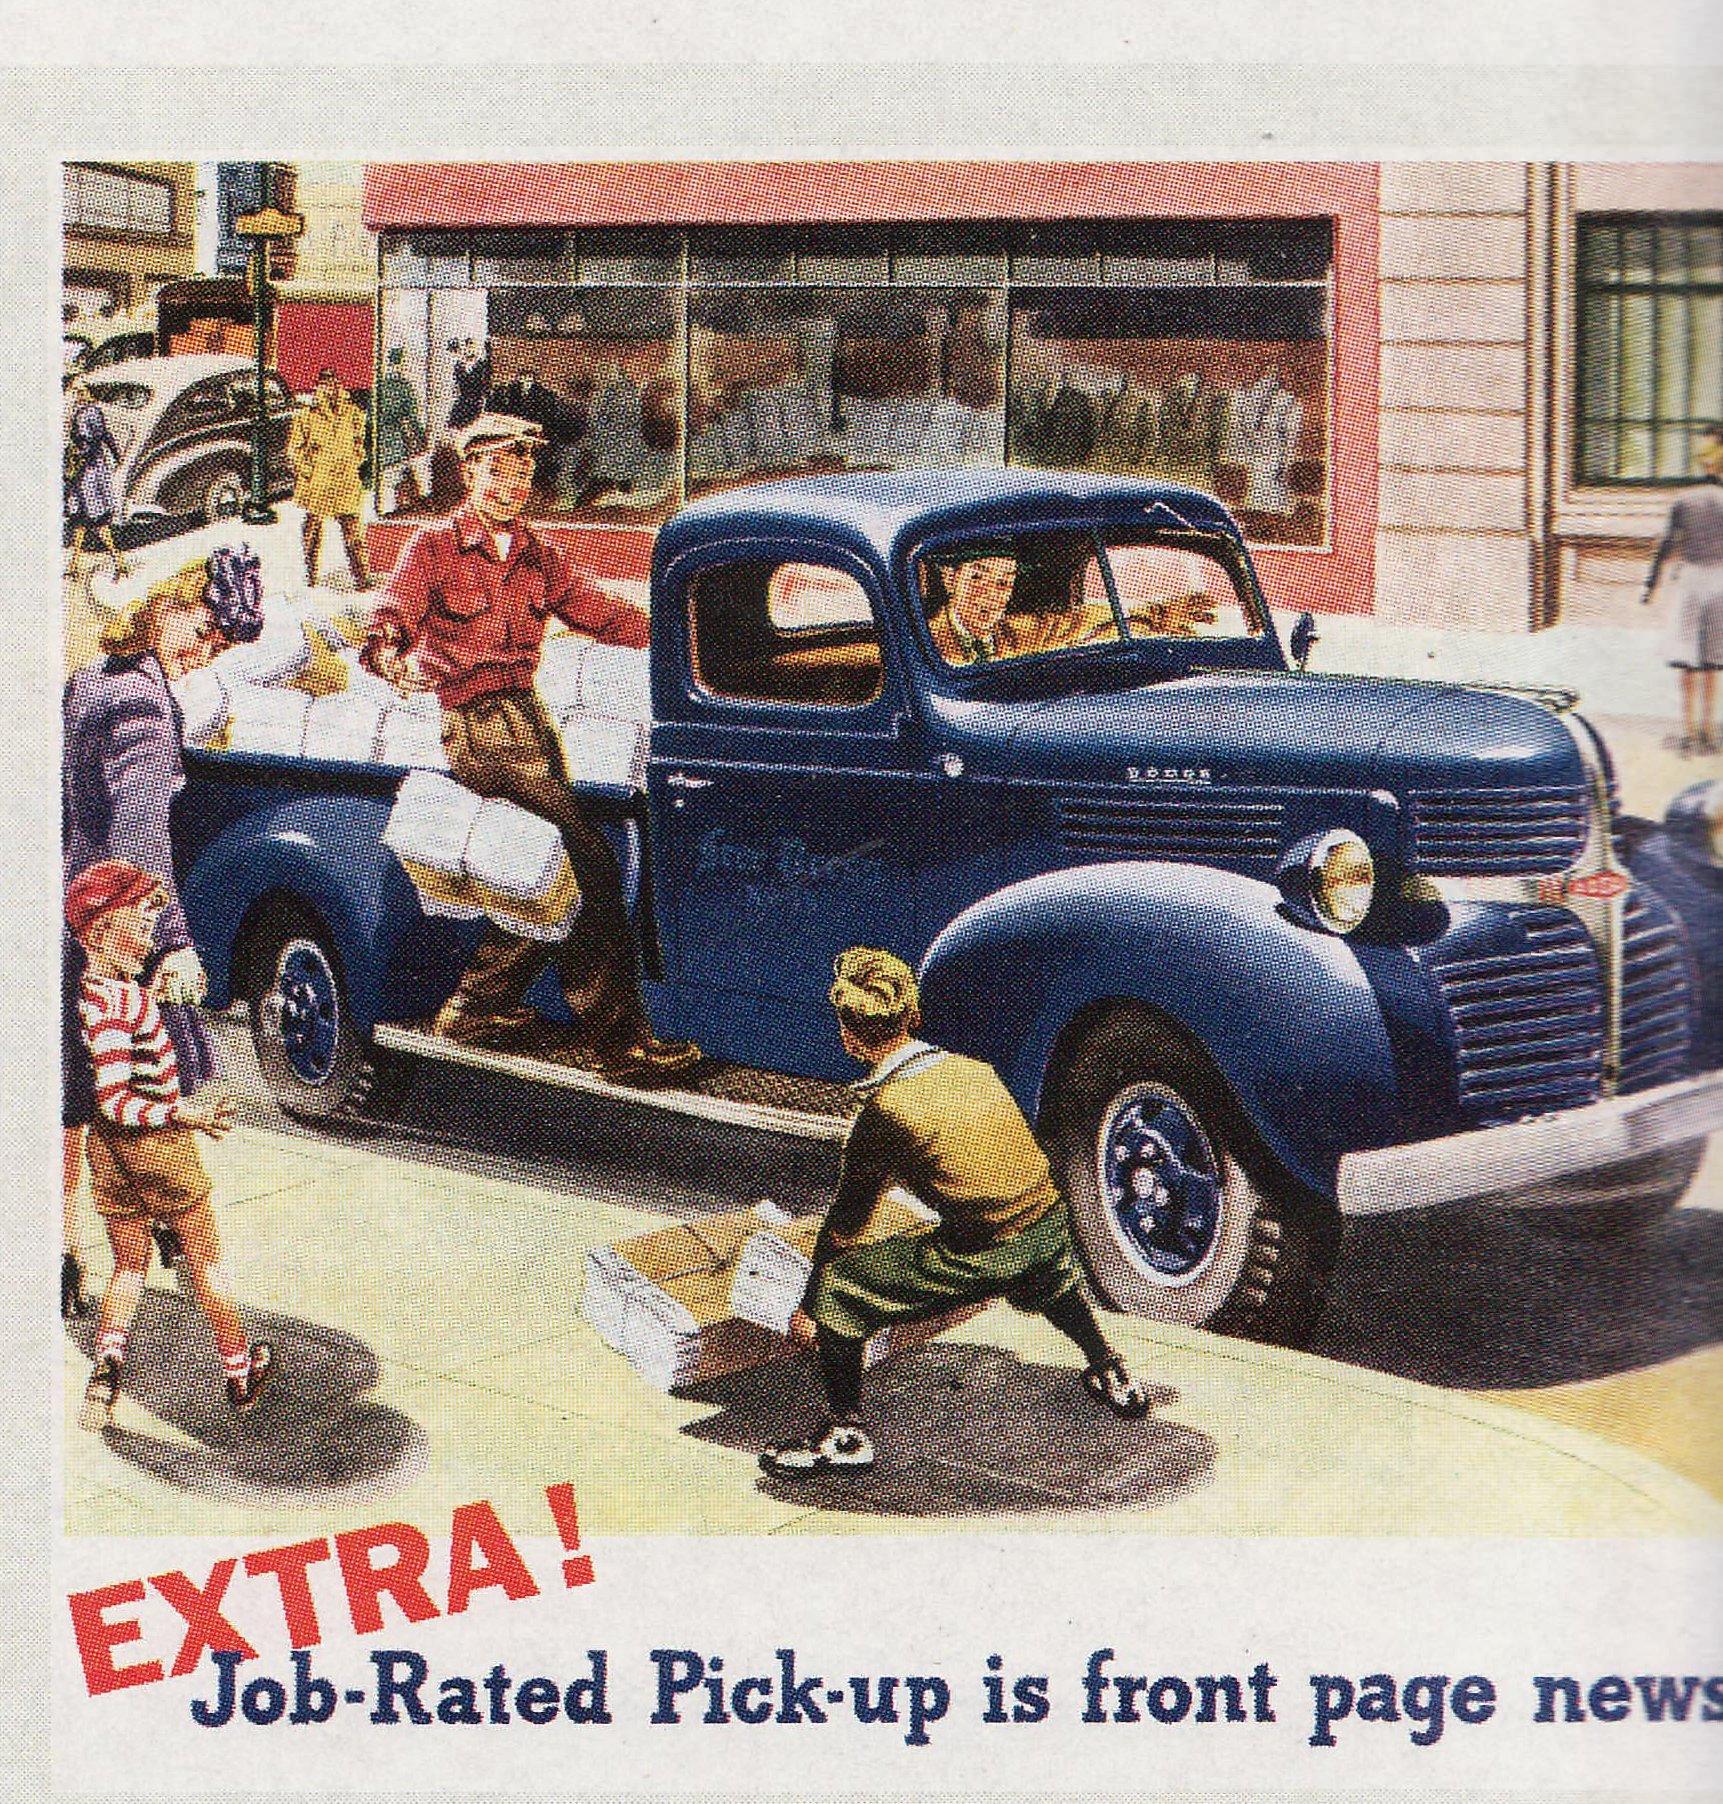 Vintage pickup truck ads.